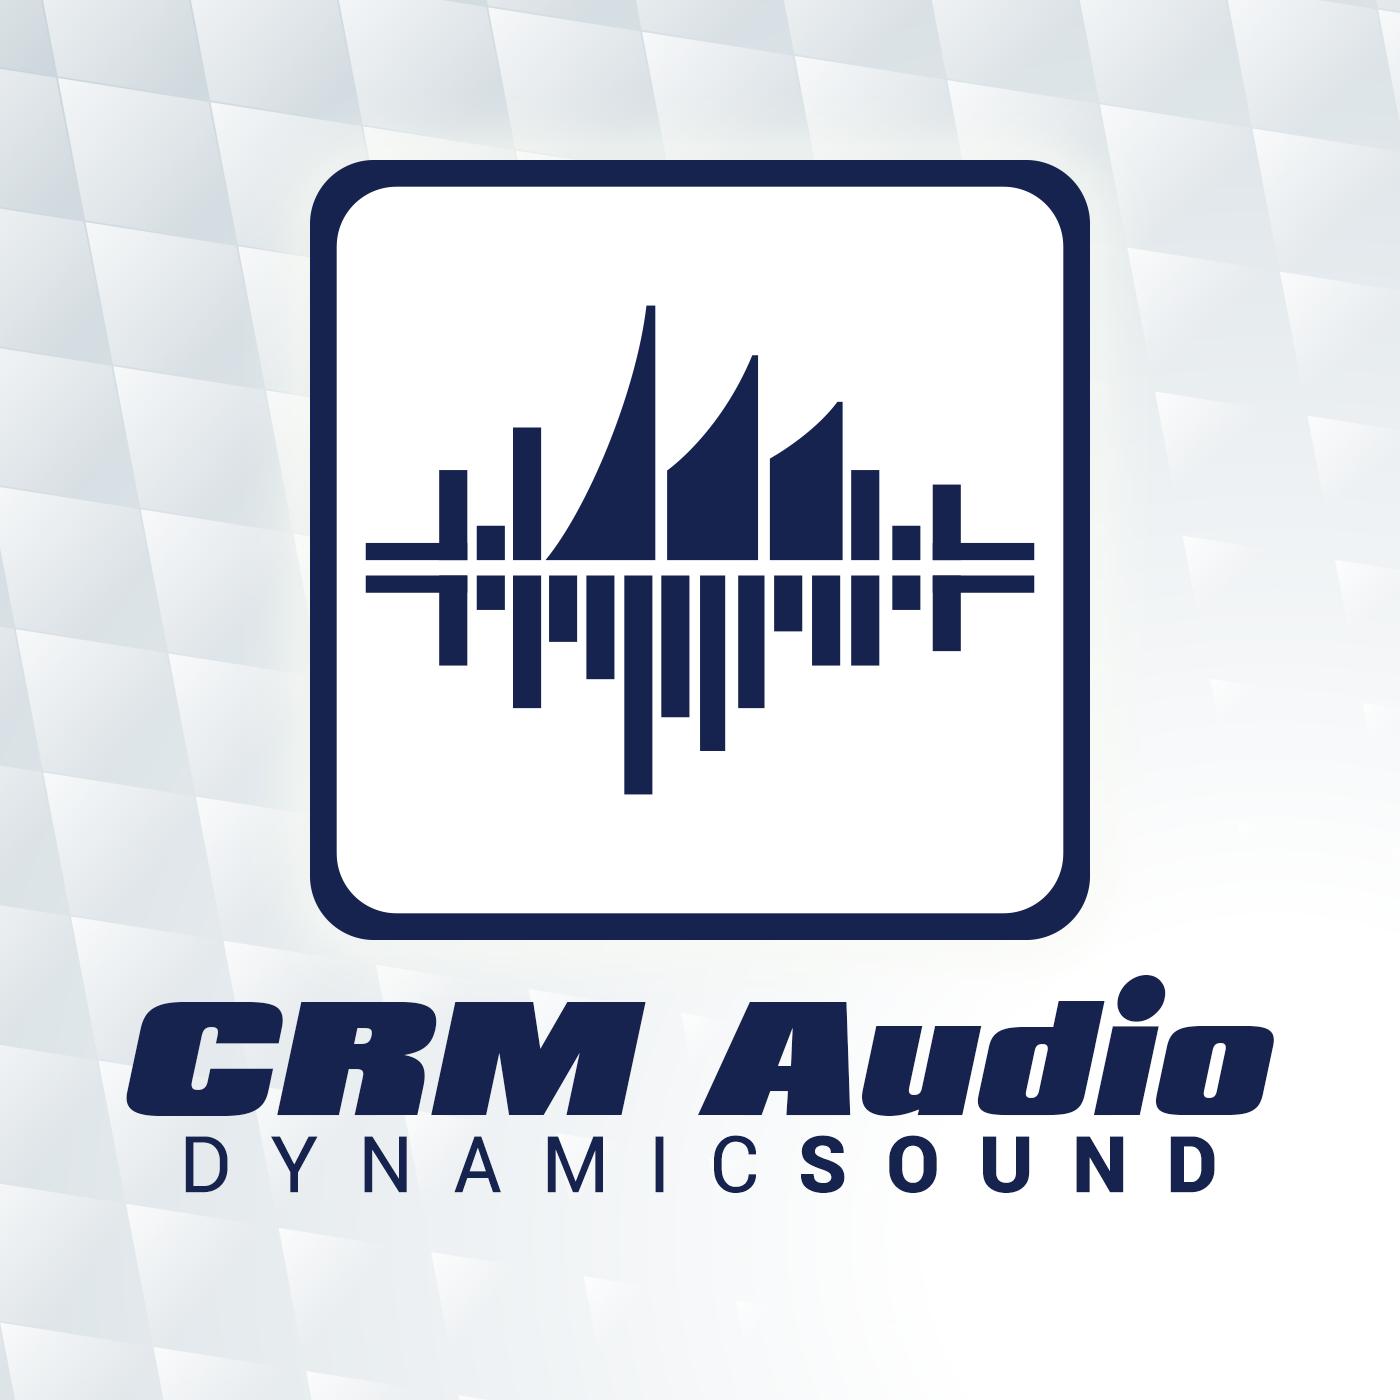 Artwork for CRM Audio 101: Dynamics 365 V9 On Premise